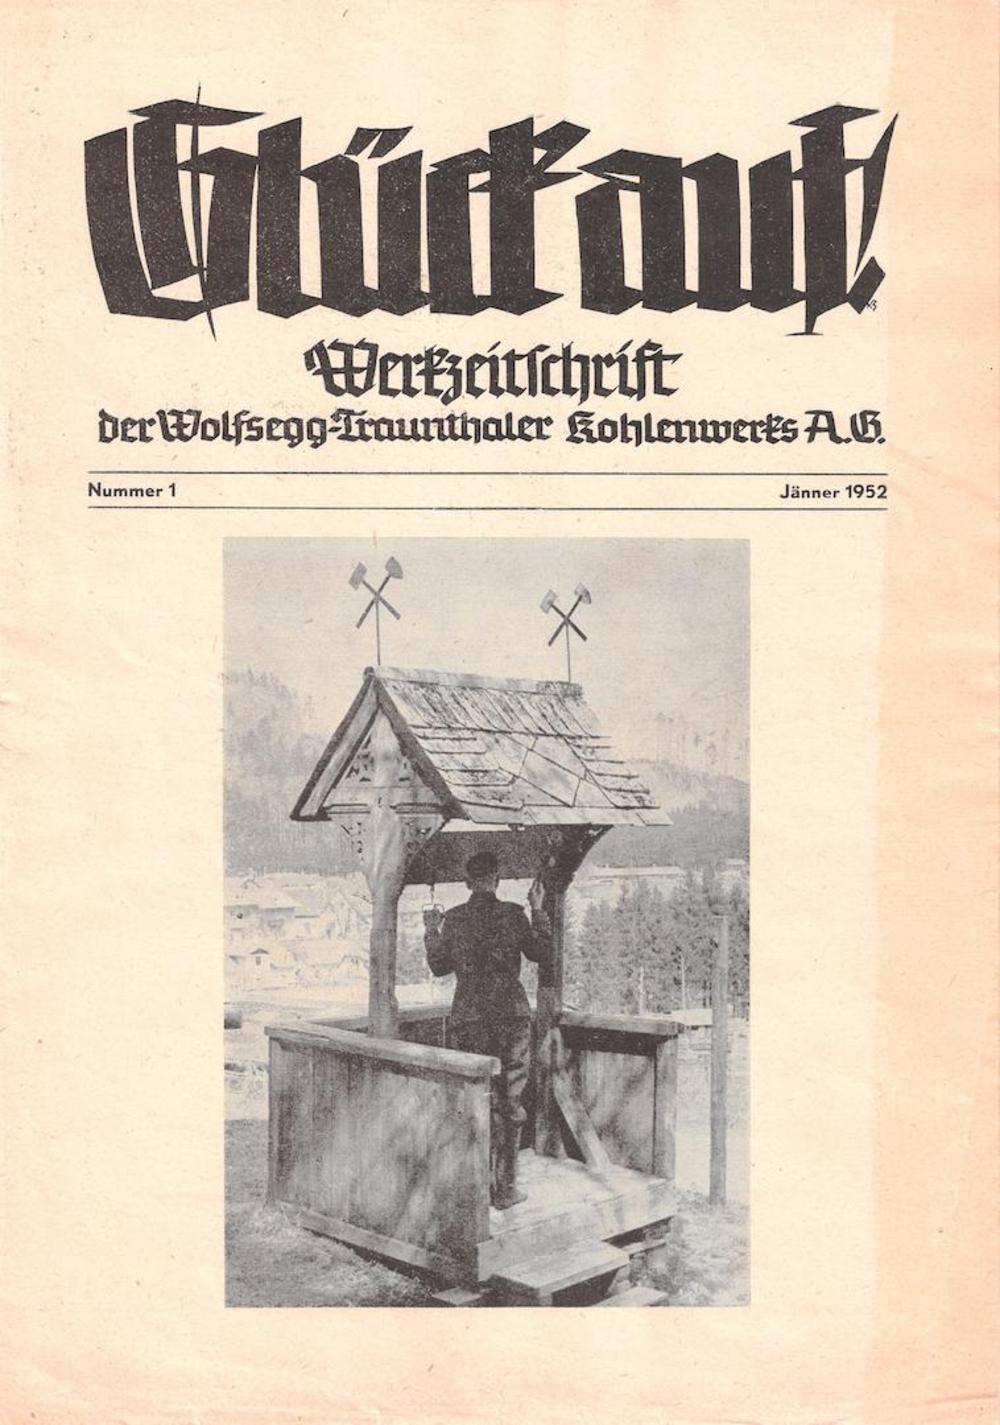 Foto der Werkszeitschrift der WTK, auf der eine Klopfe abgebildet ist.